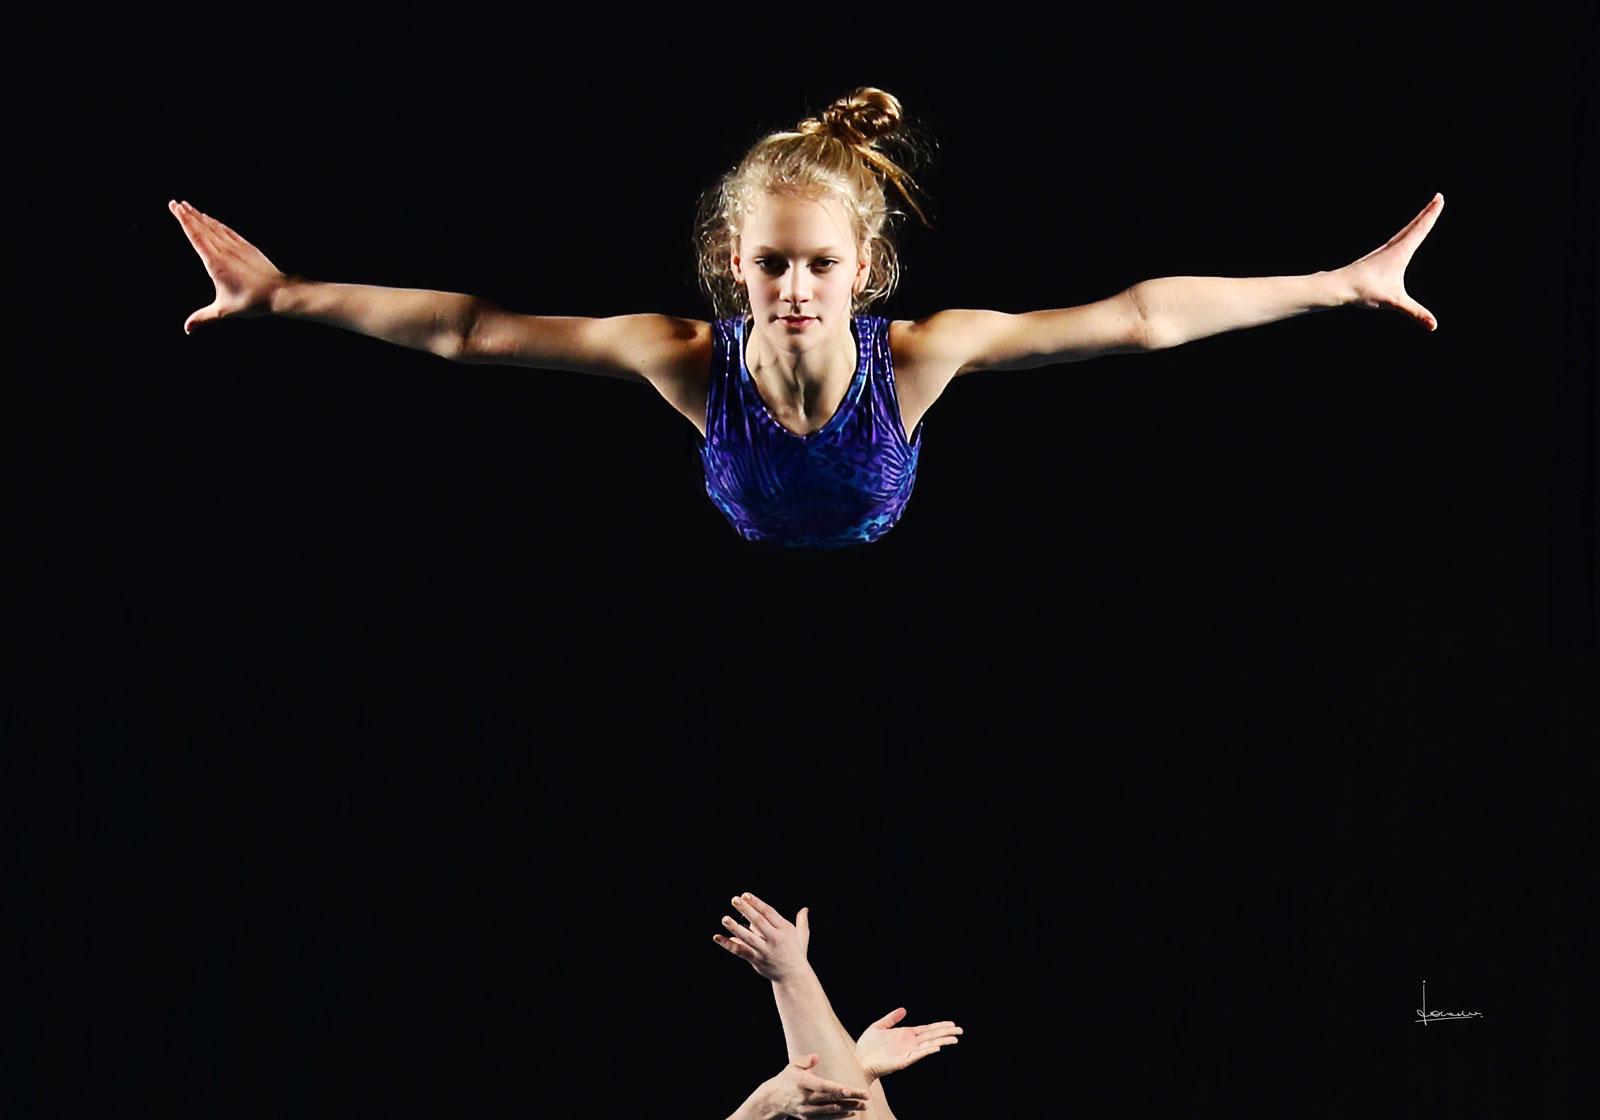 """Acrogym een niet zo heel bekende sport. Voor ons viel het ruim binnen """"dance & moves""""."""